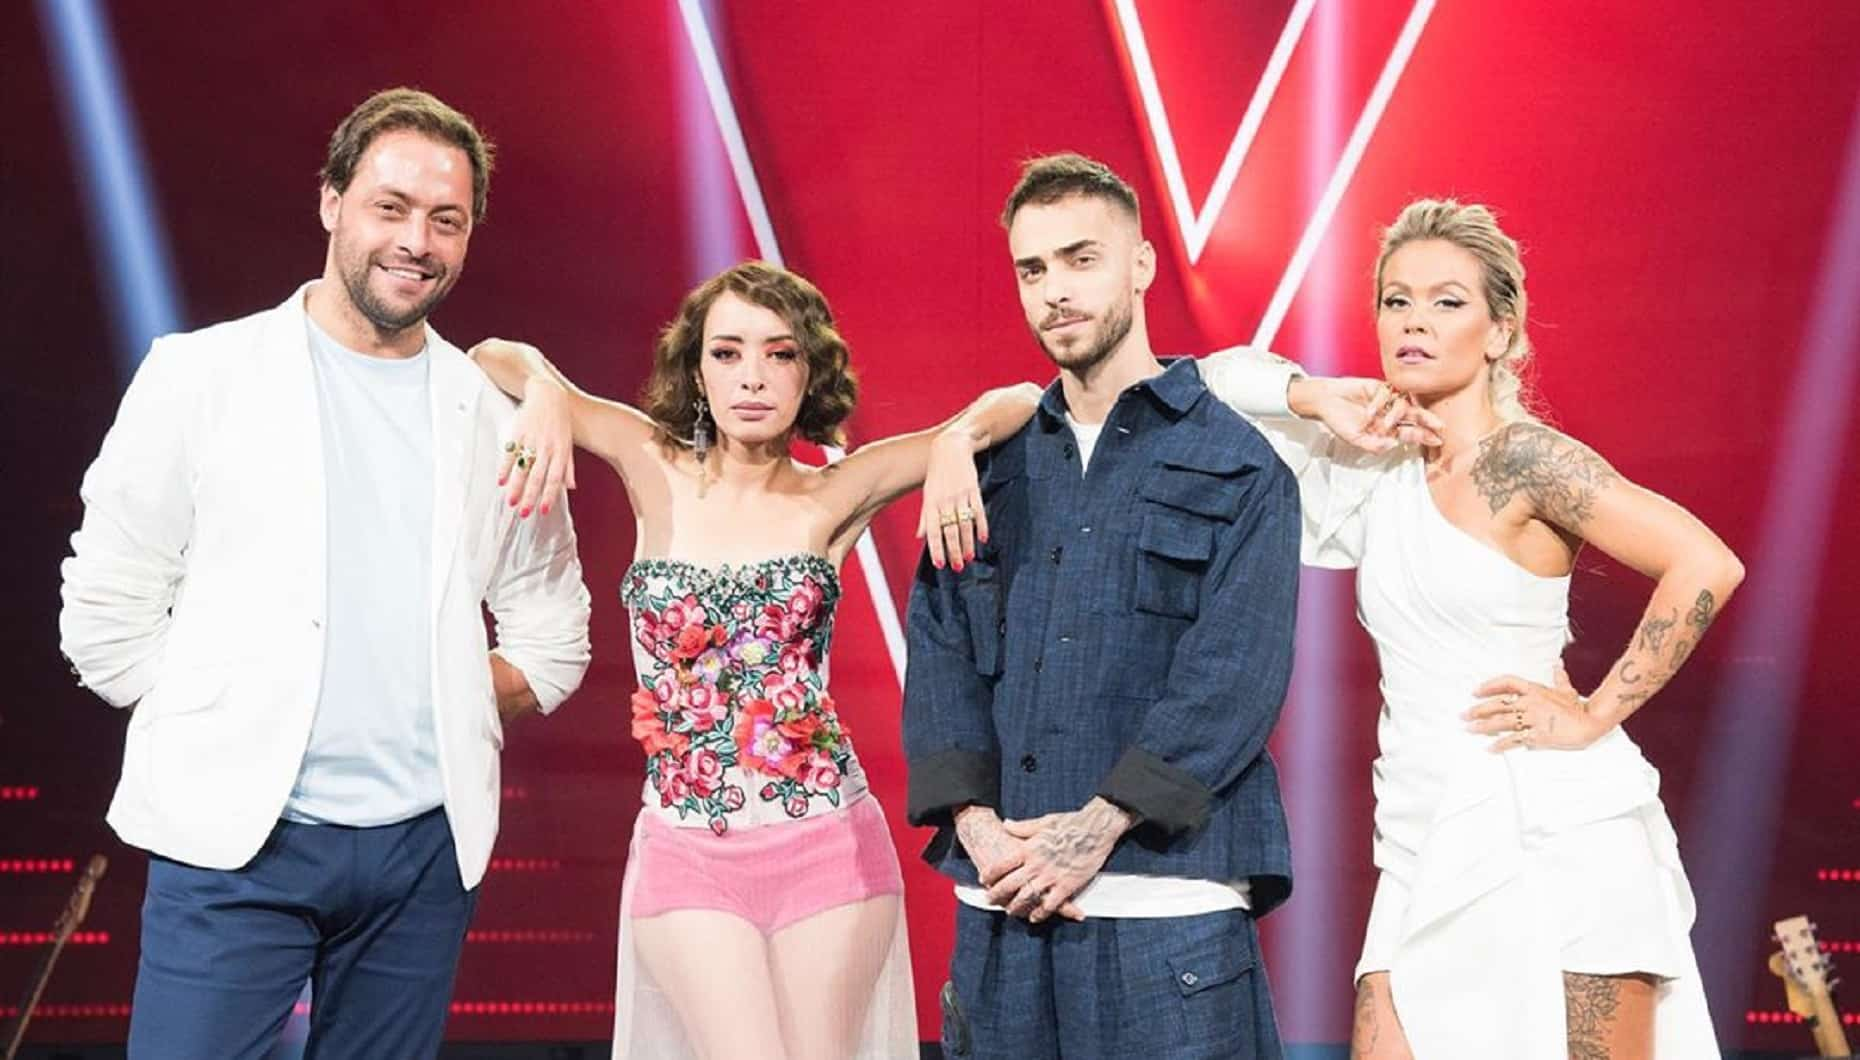 The Voice Portugal António Zambujo, Marisa Liz, Diogo Piçarra, Aurea, The Voice Portugal, Rtp1